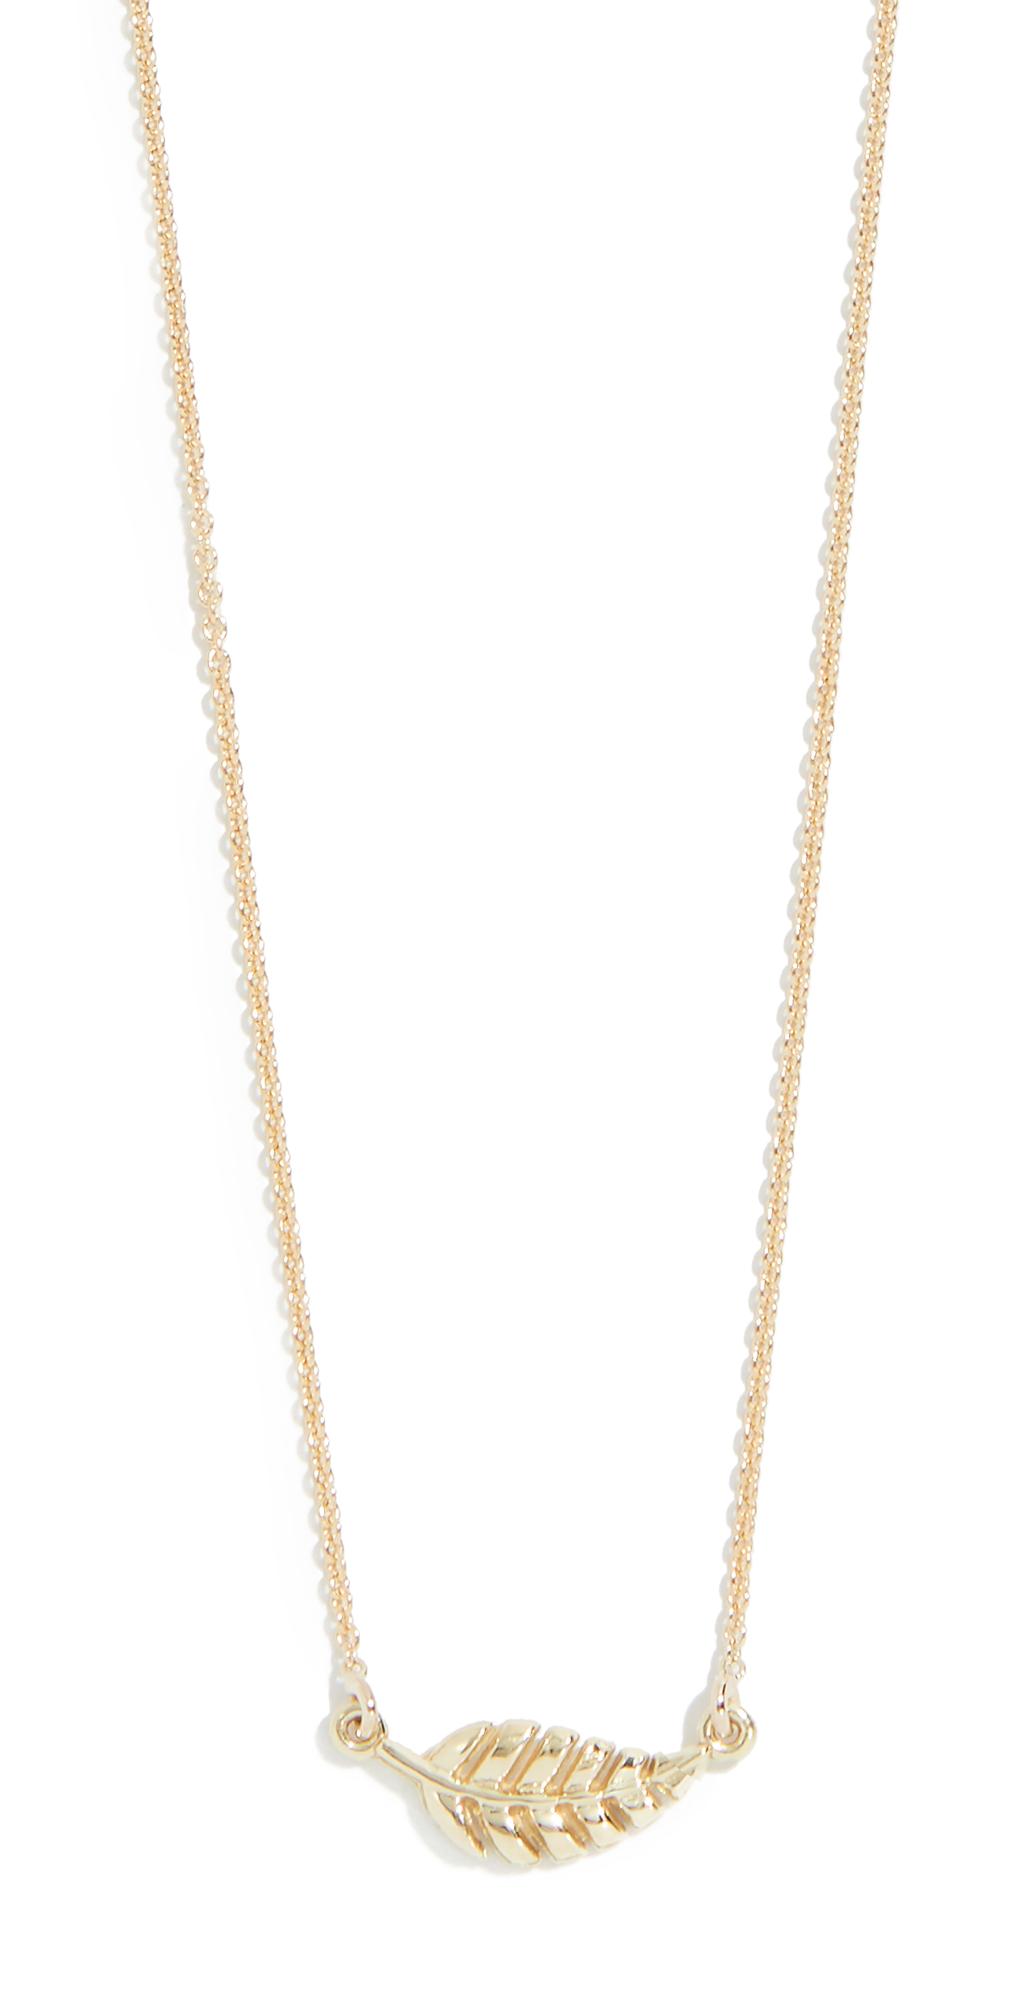 18k Gold Mini Leaf Necklace